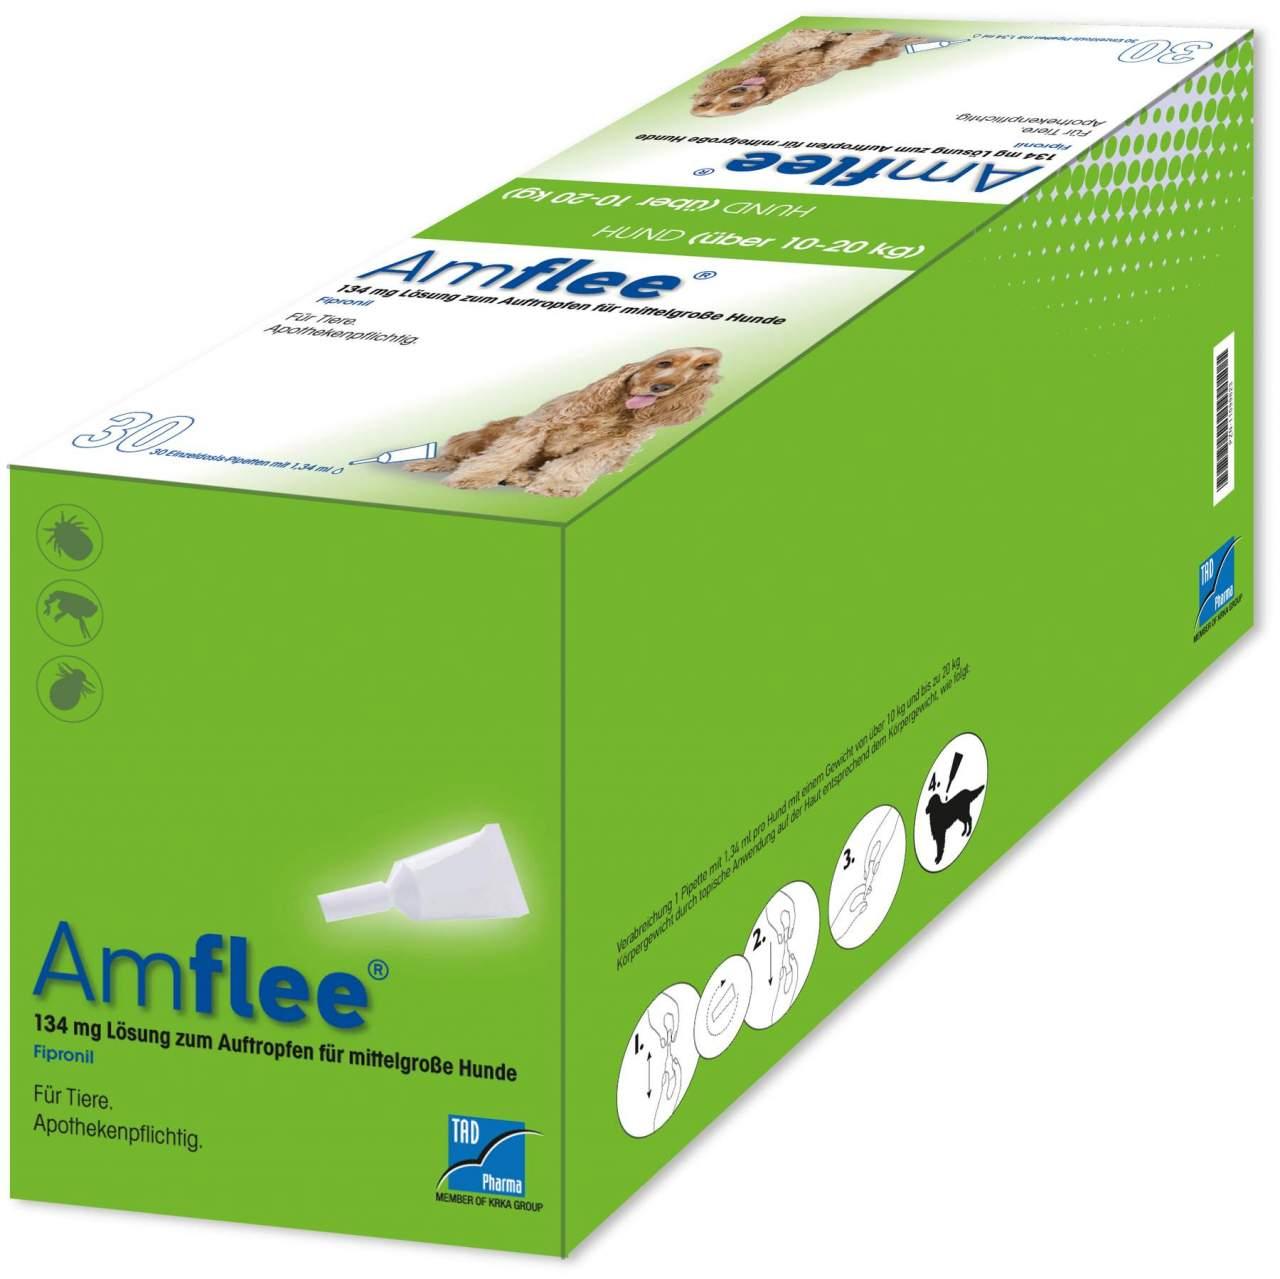 Amflee 134 mg Lösung zum Auftropfen f mittelgr....